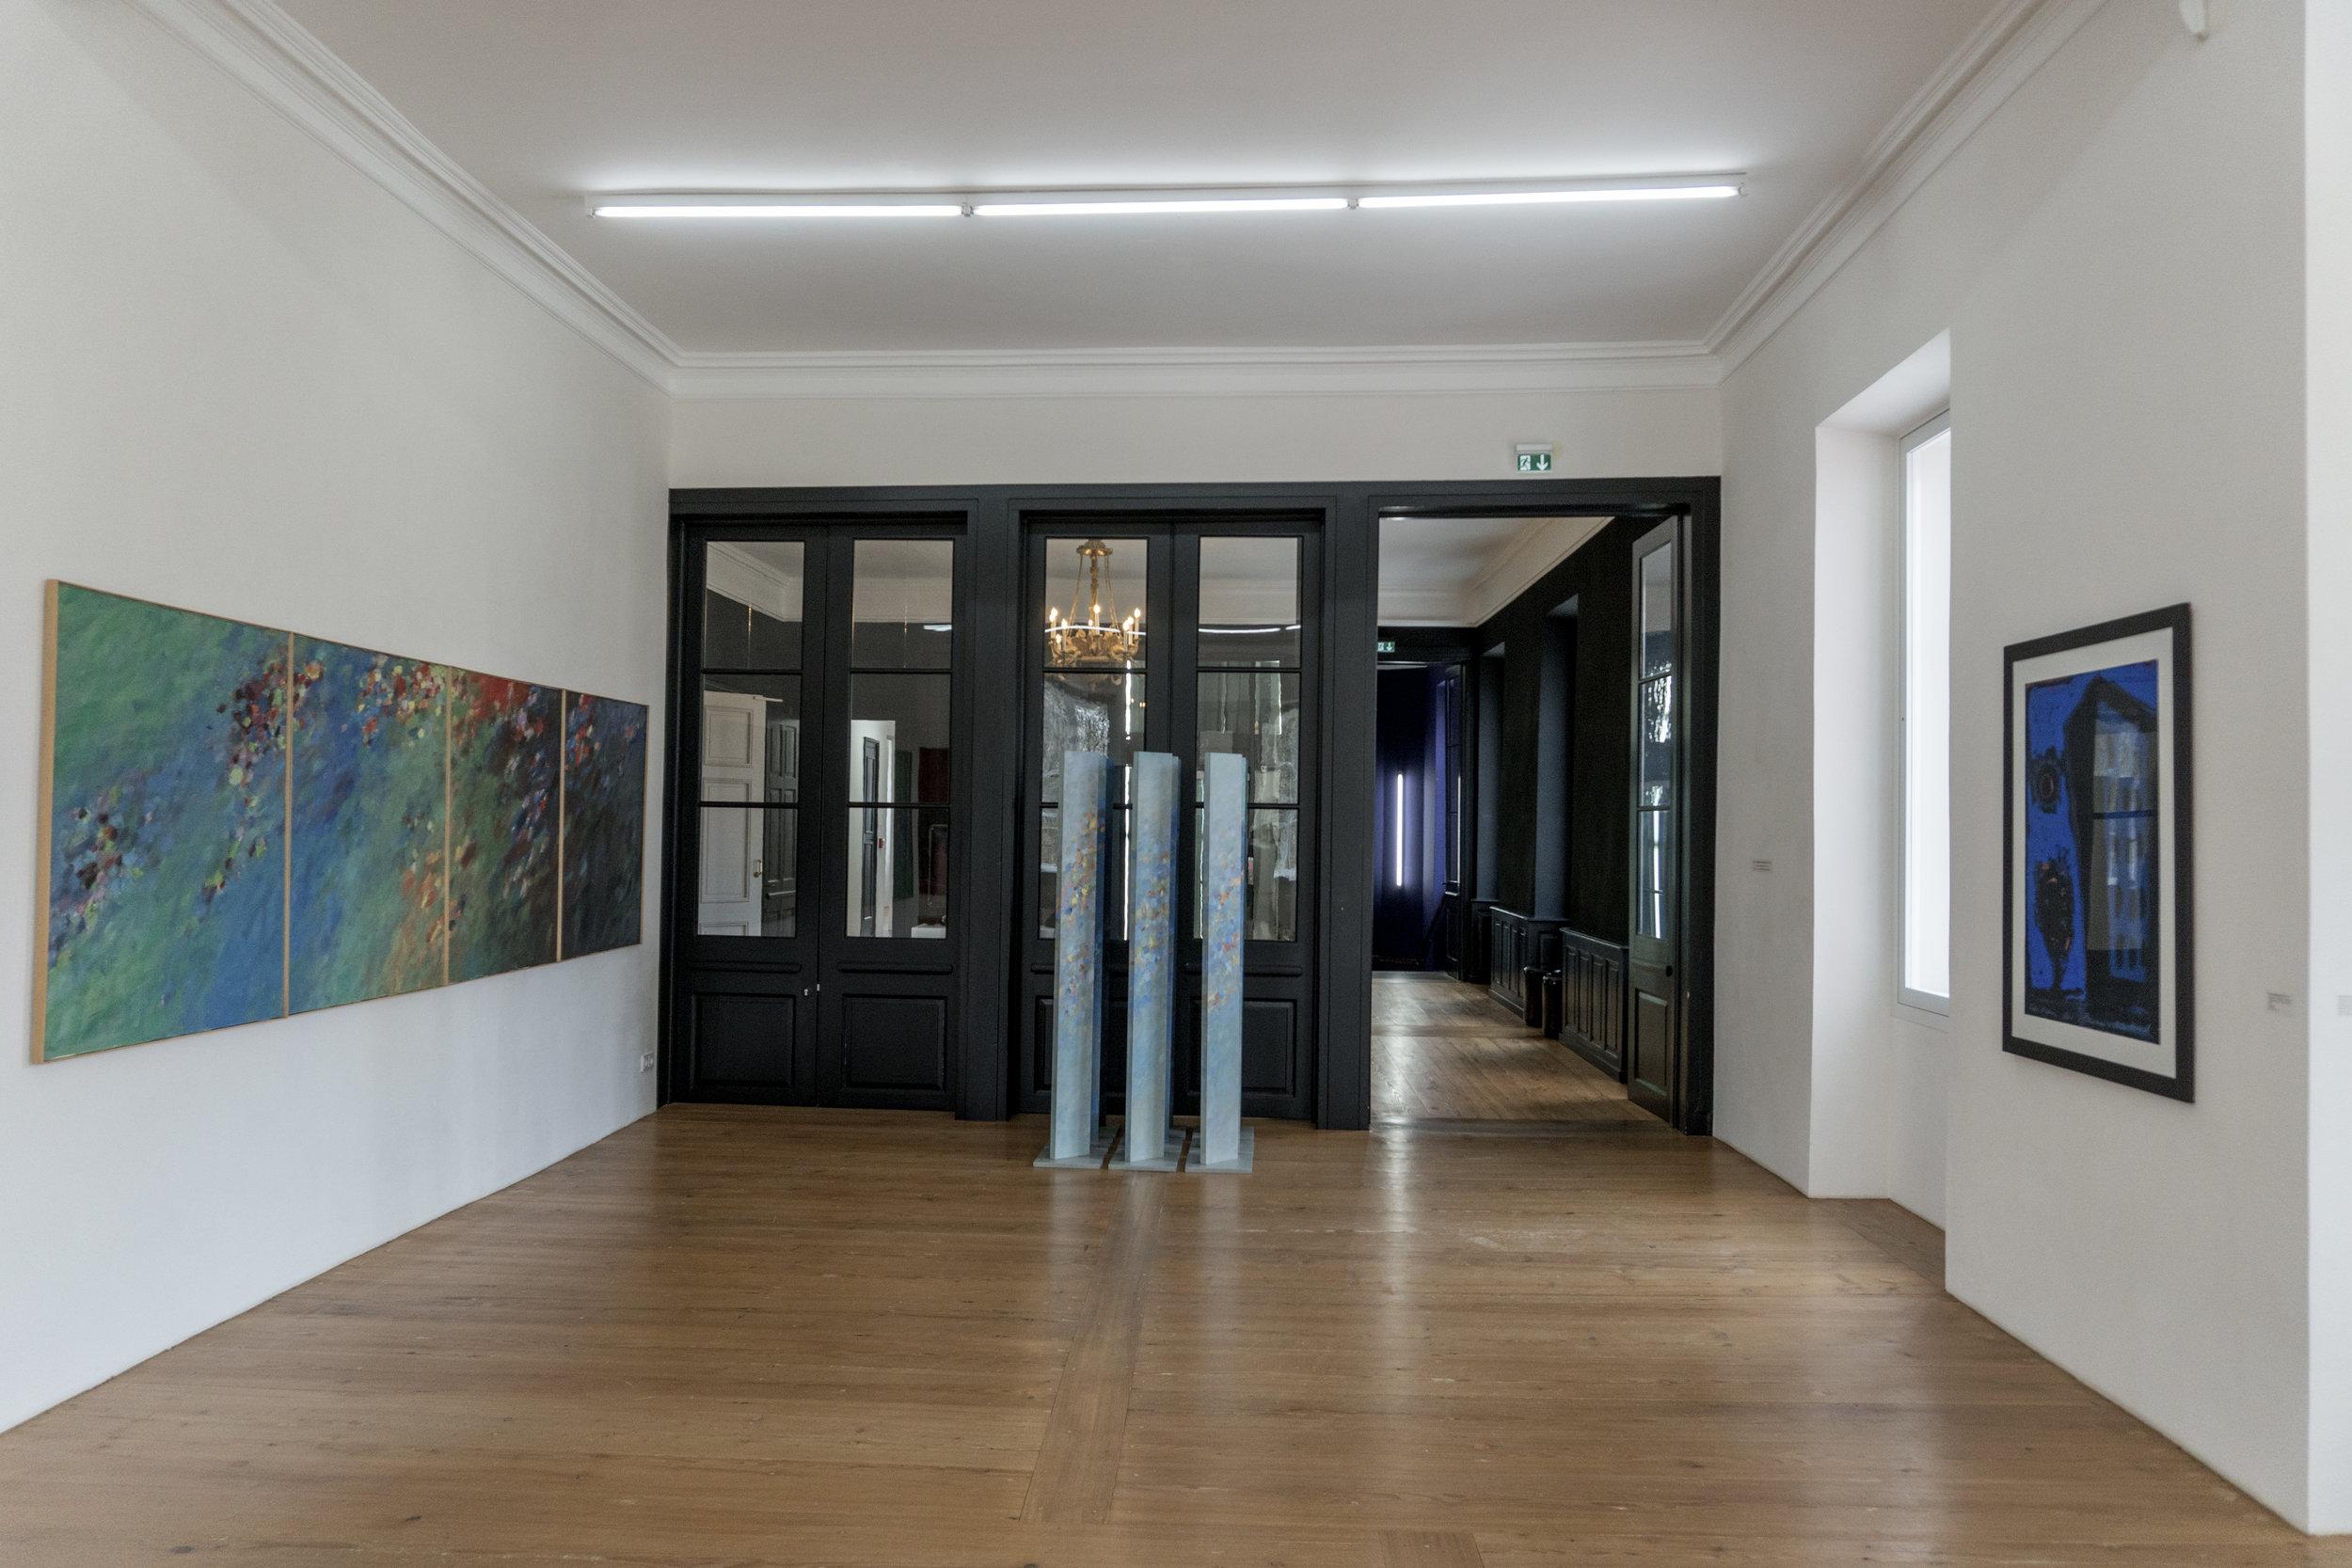 Boiseries noires et plancher de bois blond où faire glisser des souliers de bal, sous un lustre ancien en bronze doré... en contre-point de la sérénité fluide et colorée de deux oeuvres récentes d'  Emil Kiess.